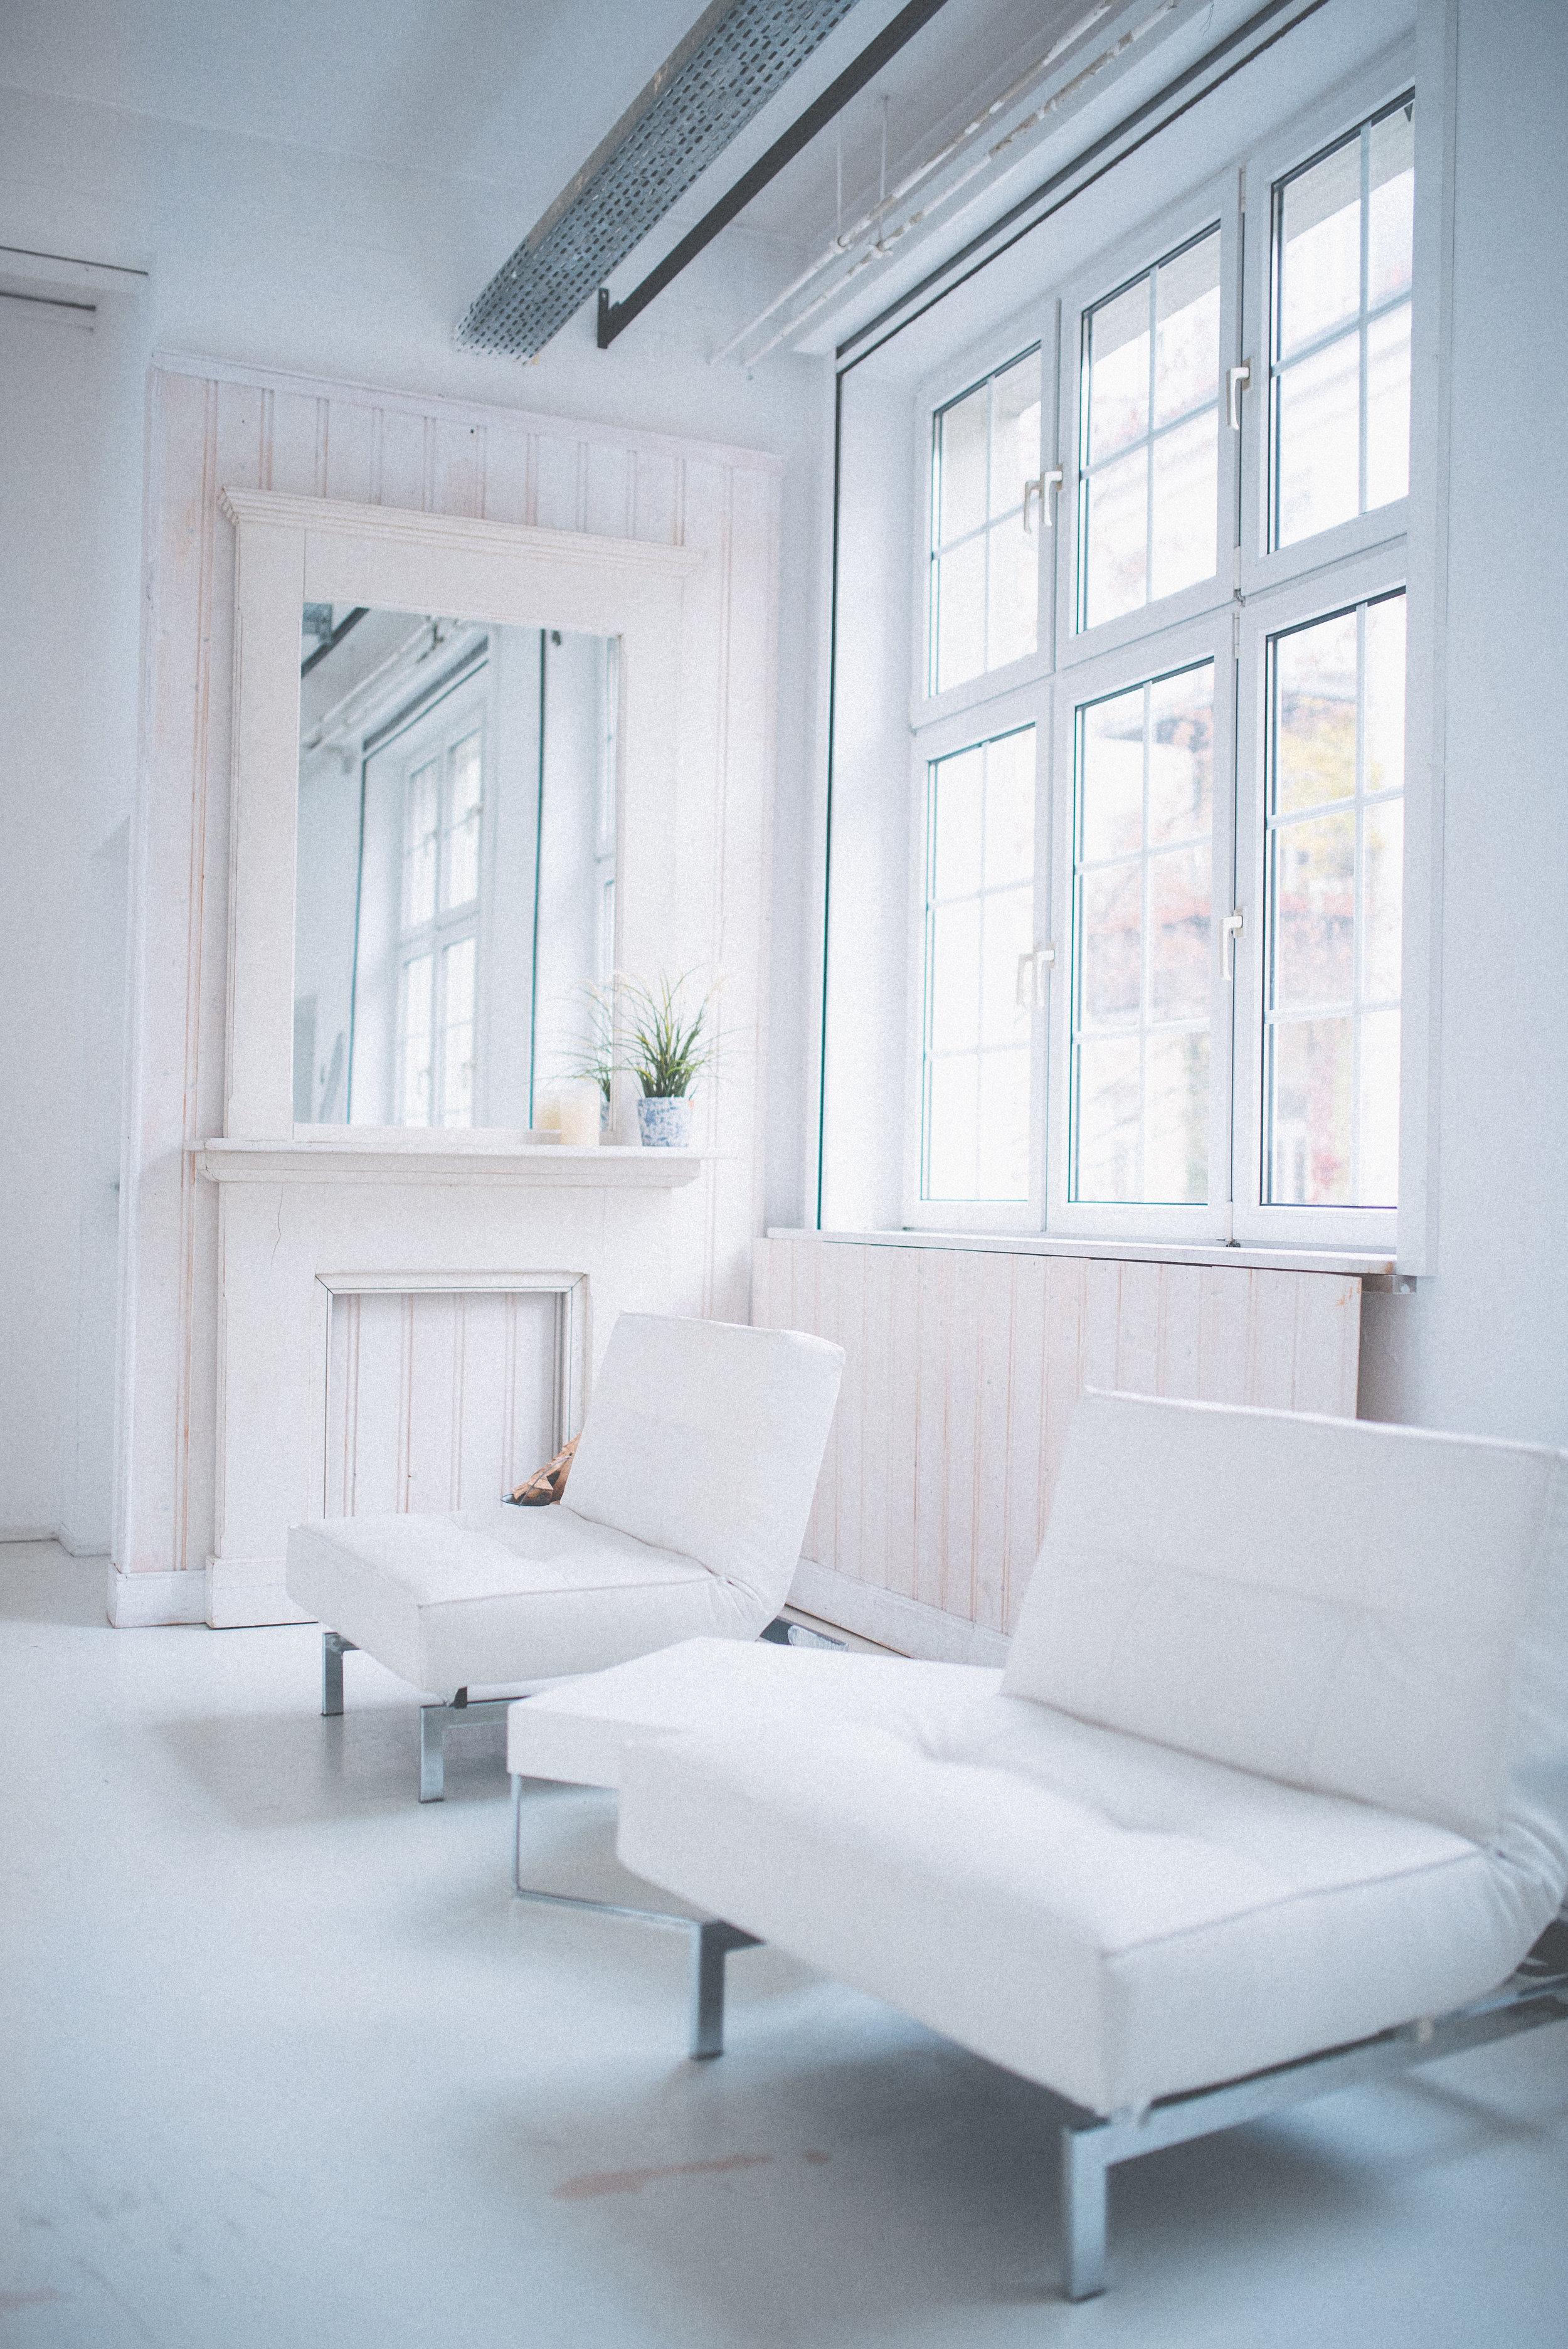 boudoir-fotos-muenchen-anija-schlichenmaier-oh-my-girls-boudoir-photos5.jpg